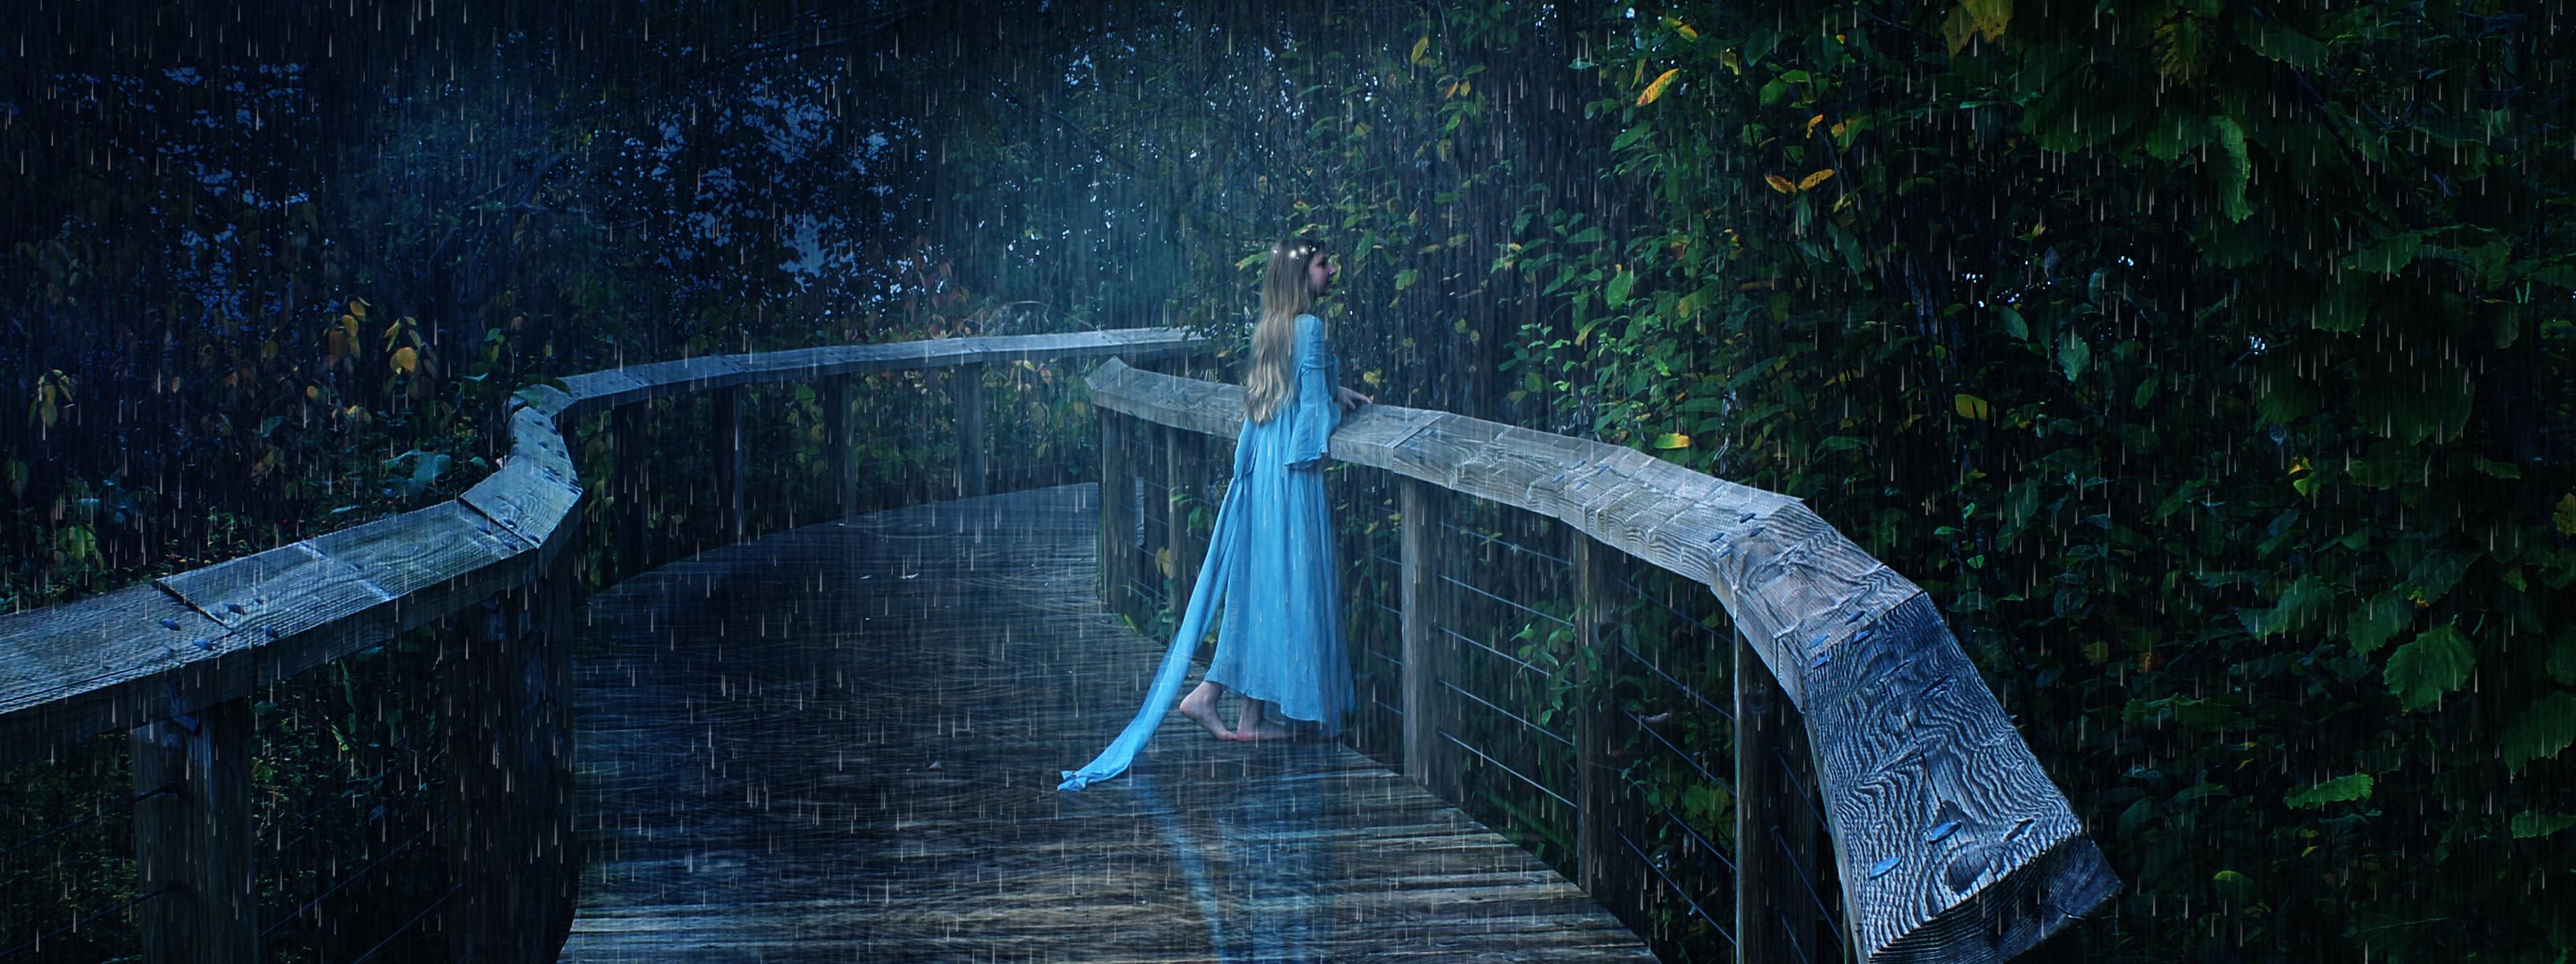 Catching Diamonds in the Rain